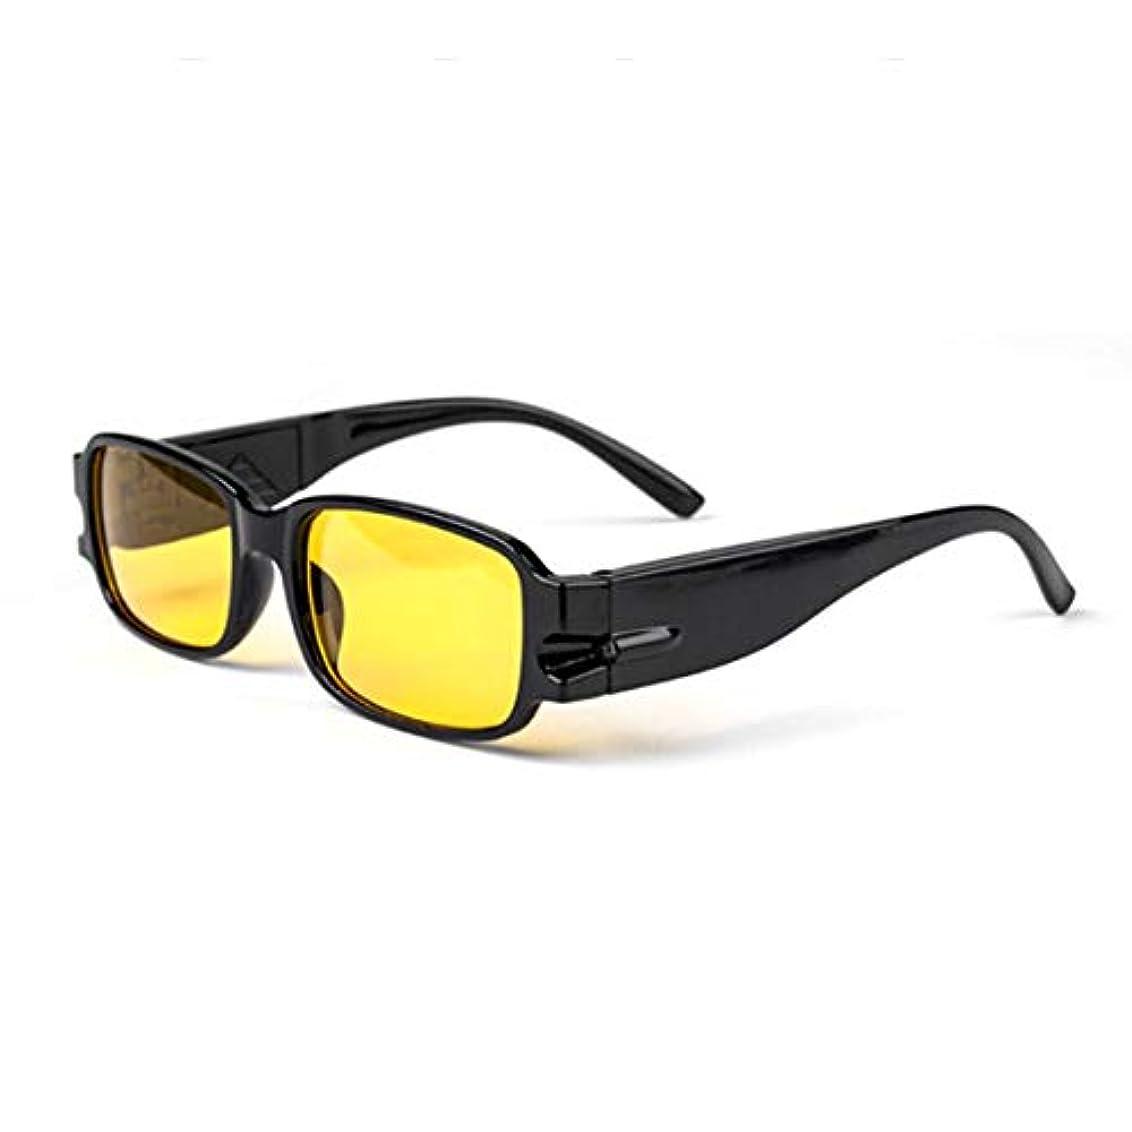 常識一般的に言えば小道普遍的な男性女性老眼鏡磁気療法樹脂レンズ老視メガネ眼鏡LED照明付きメガネ-黄色100度